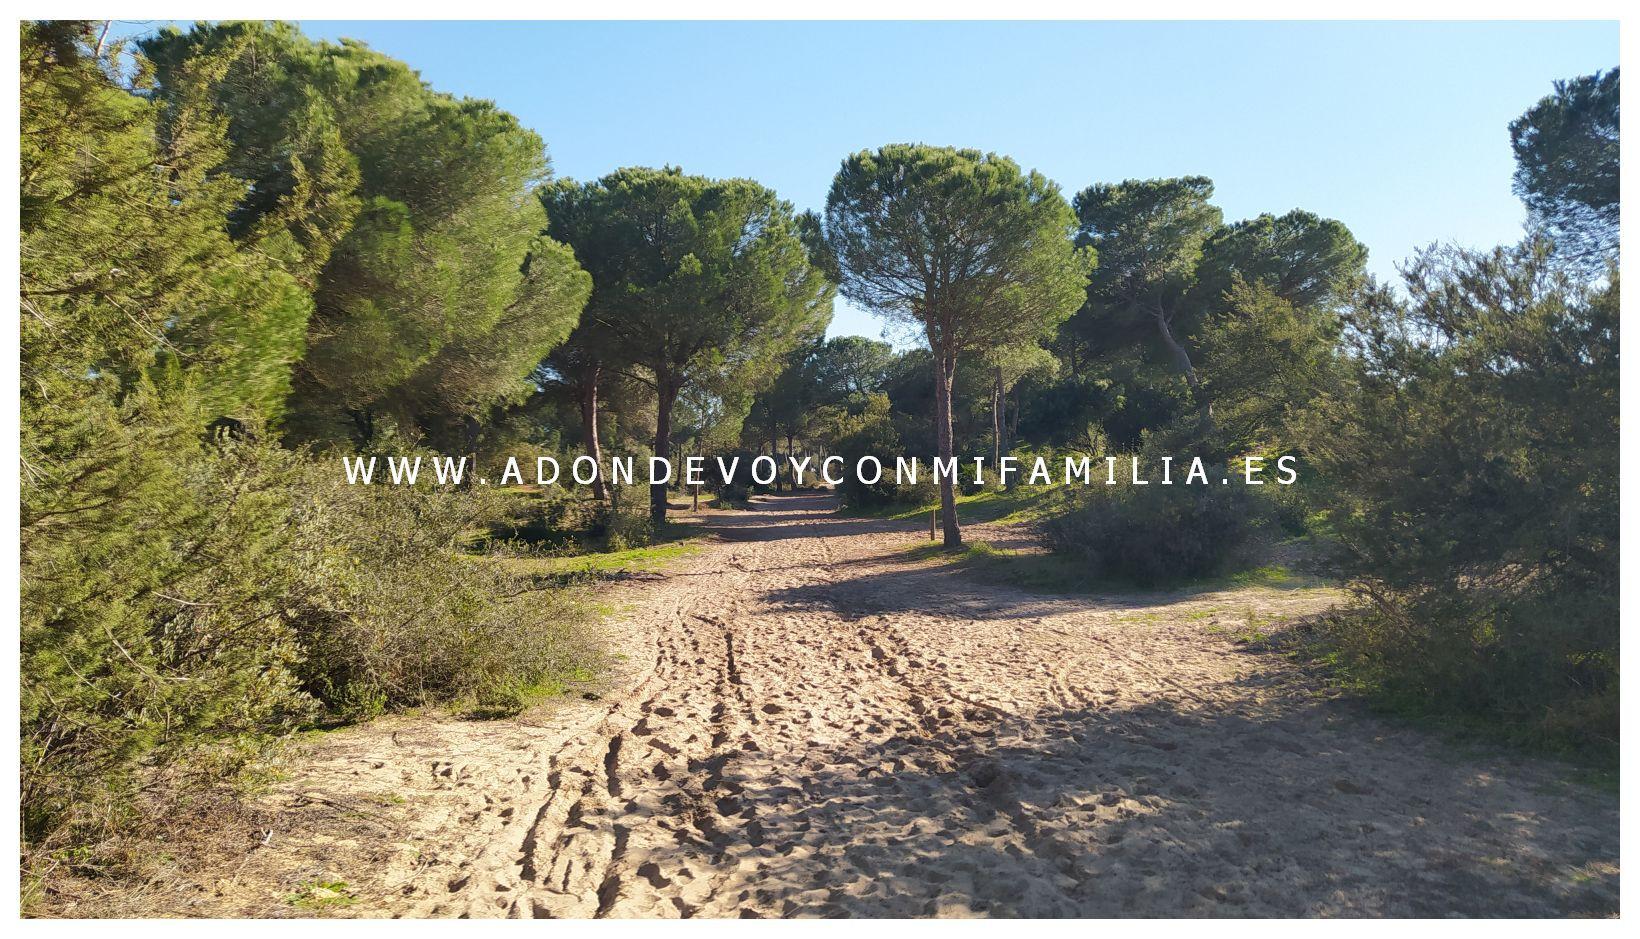 sendero-cerro-del-aguila-pinar-de-la-algaida-sanlucar-adondevoyconmifamilia-31